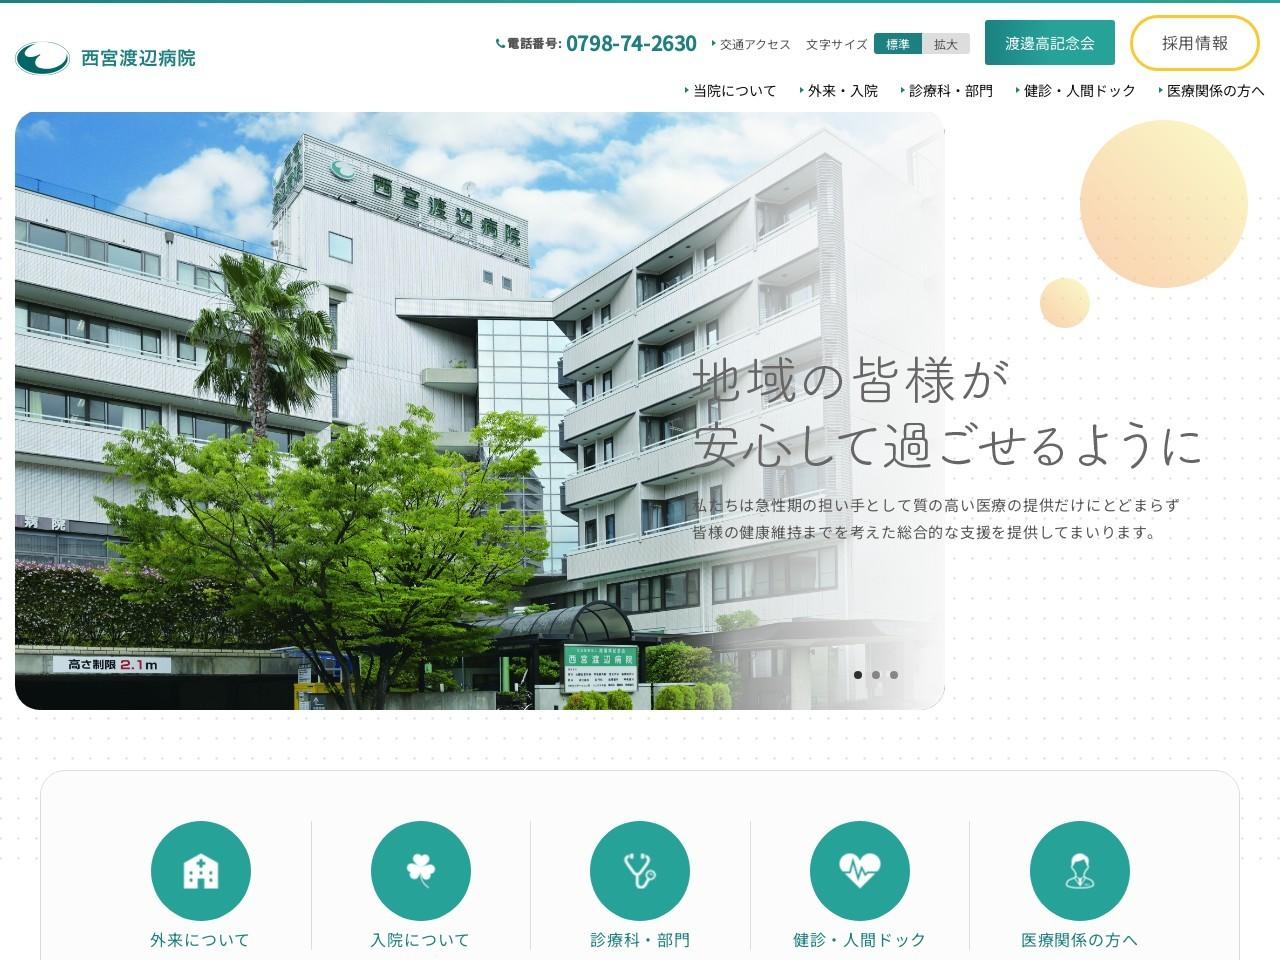 社会医療法人渡邊高記念会 西宮渡辺病院(兵庫県西宮市)